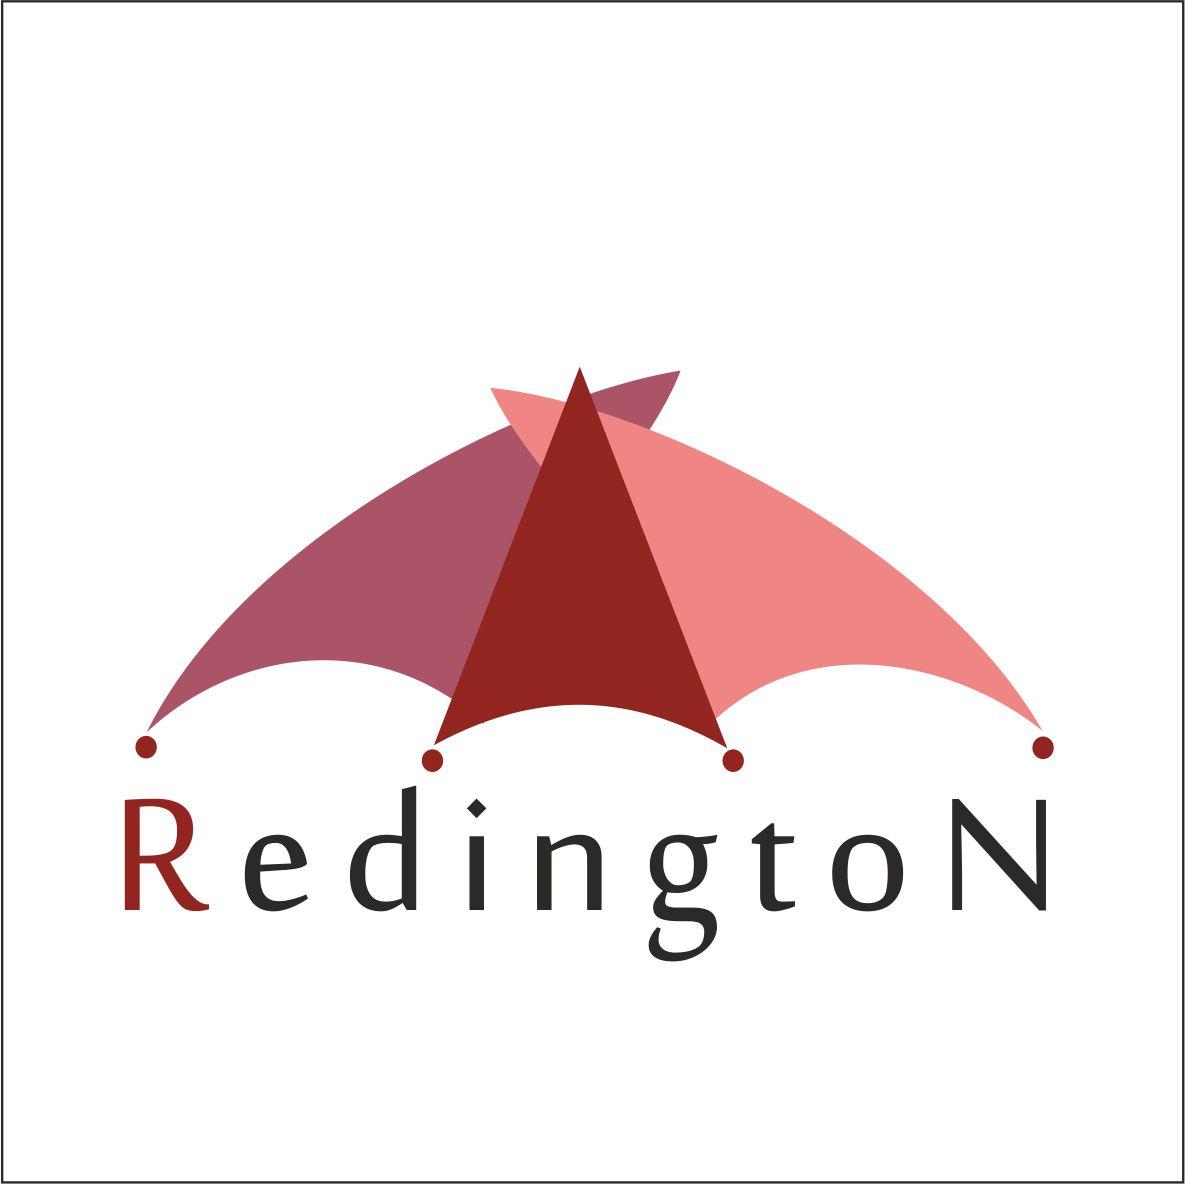 Создание логотипа для компании Redington фото f_75659b6e7ec95897.jpg